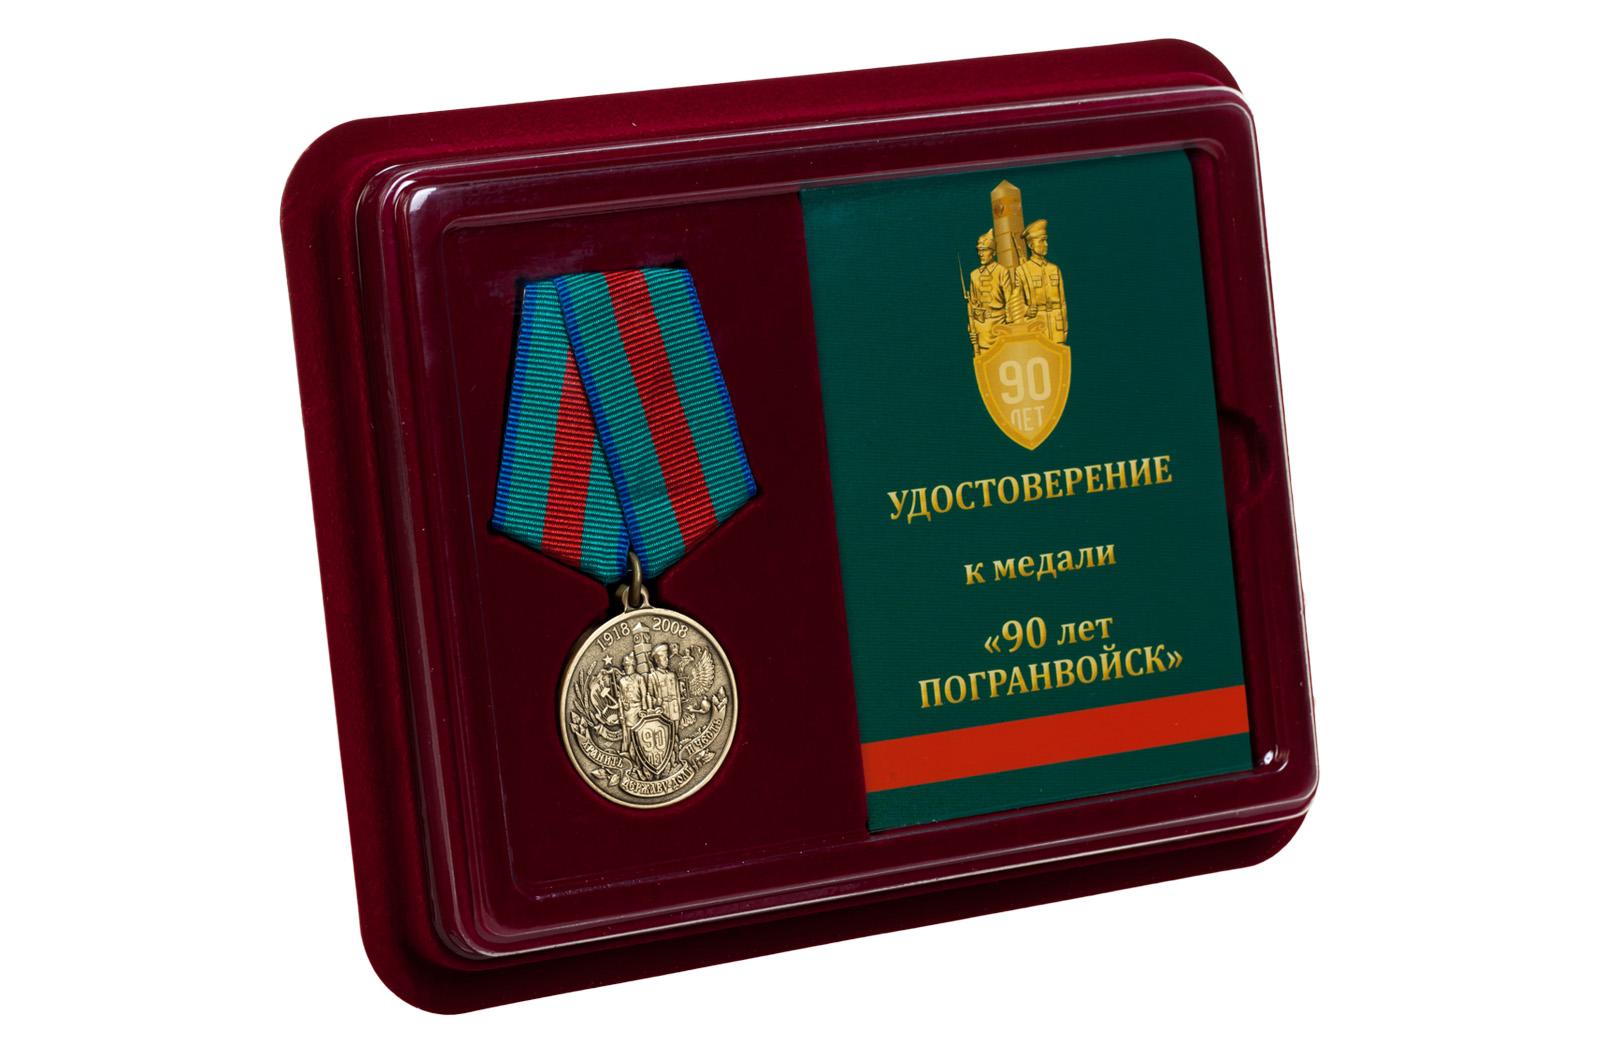 Купить медаль ФСБ России 90 лет Пограничной службе оптом или в розницу